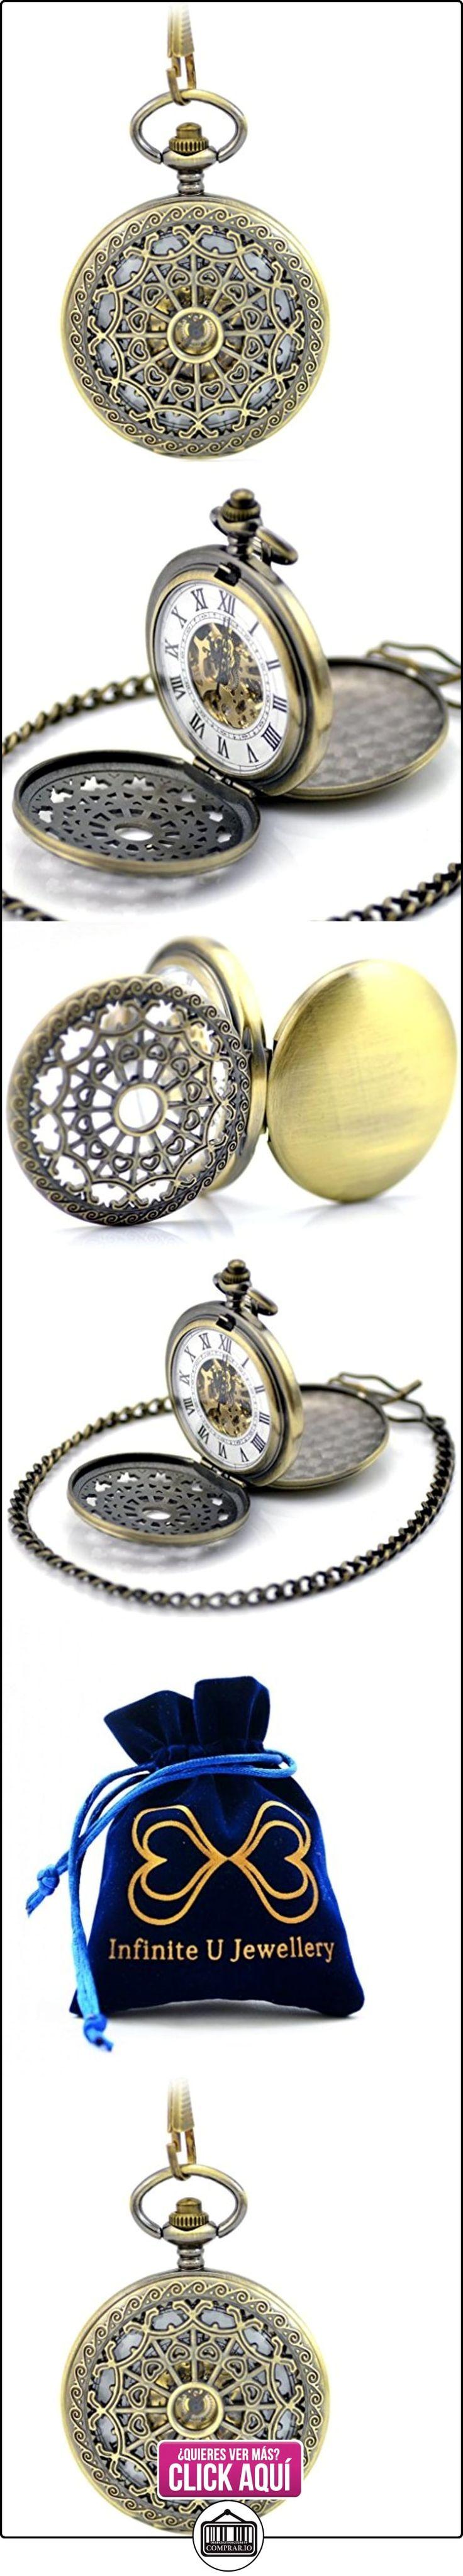 Infinite U Retro Redes de Corazones Colgante Collar Reloj de Bolsillo Mecánico, Dos Tapas  ✿ Joyas para mujer - Las mejores ofertas ✿ ▬► Ver oferta: https://comprar.io/goto/B00OMSWH84